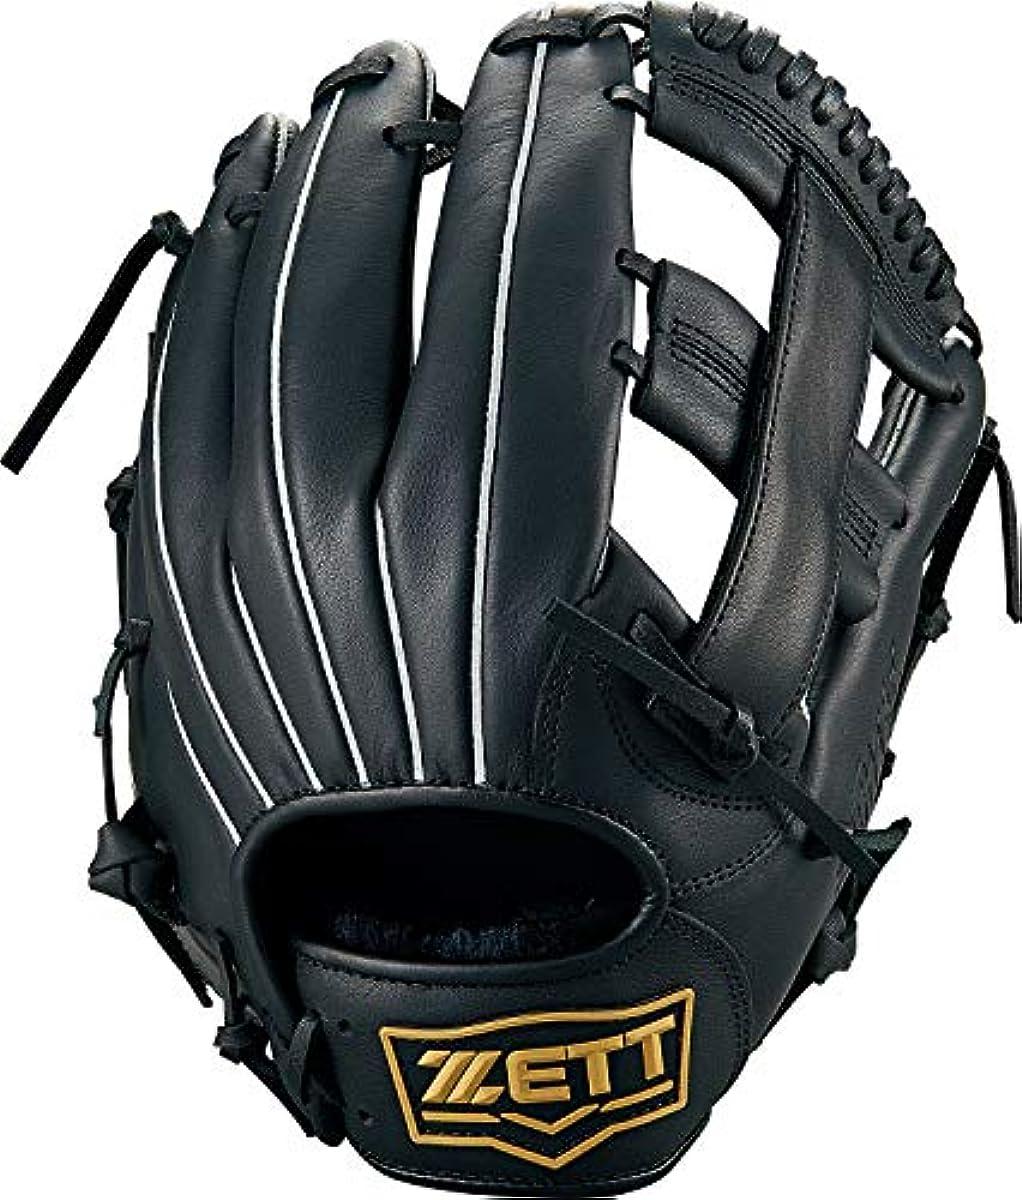 [해외] ZETT제트 연식 야구 소프트볼 겸용 글러브 글러브 라이 텍스 올라운드용 블랙1900 사이즈:5